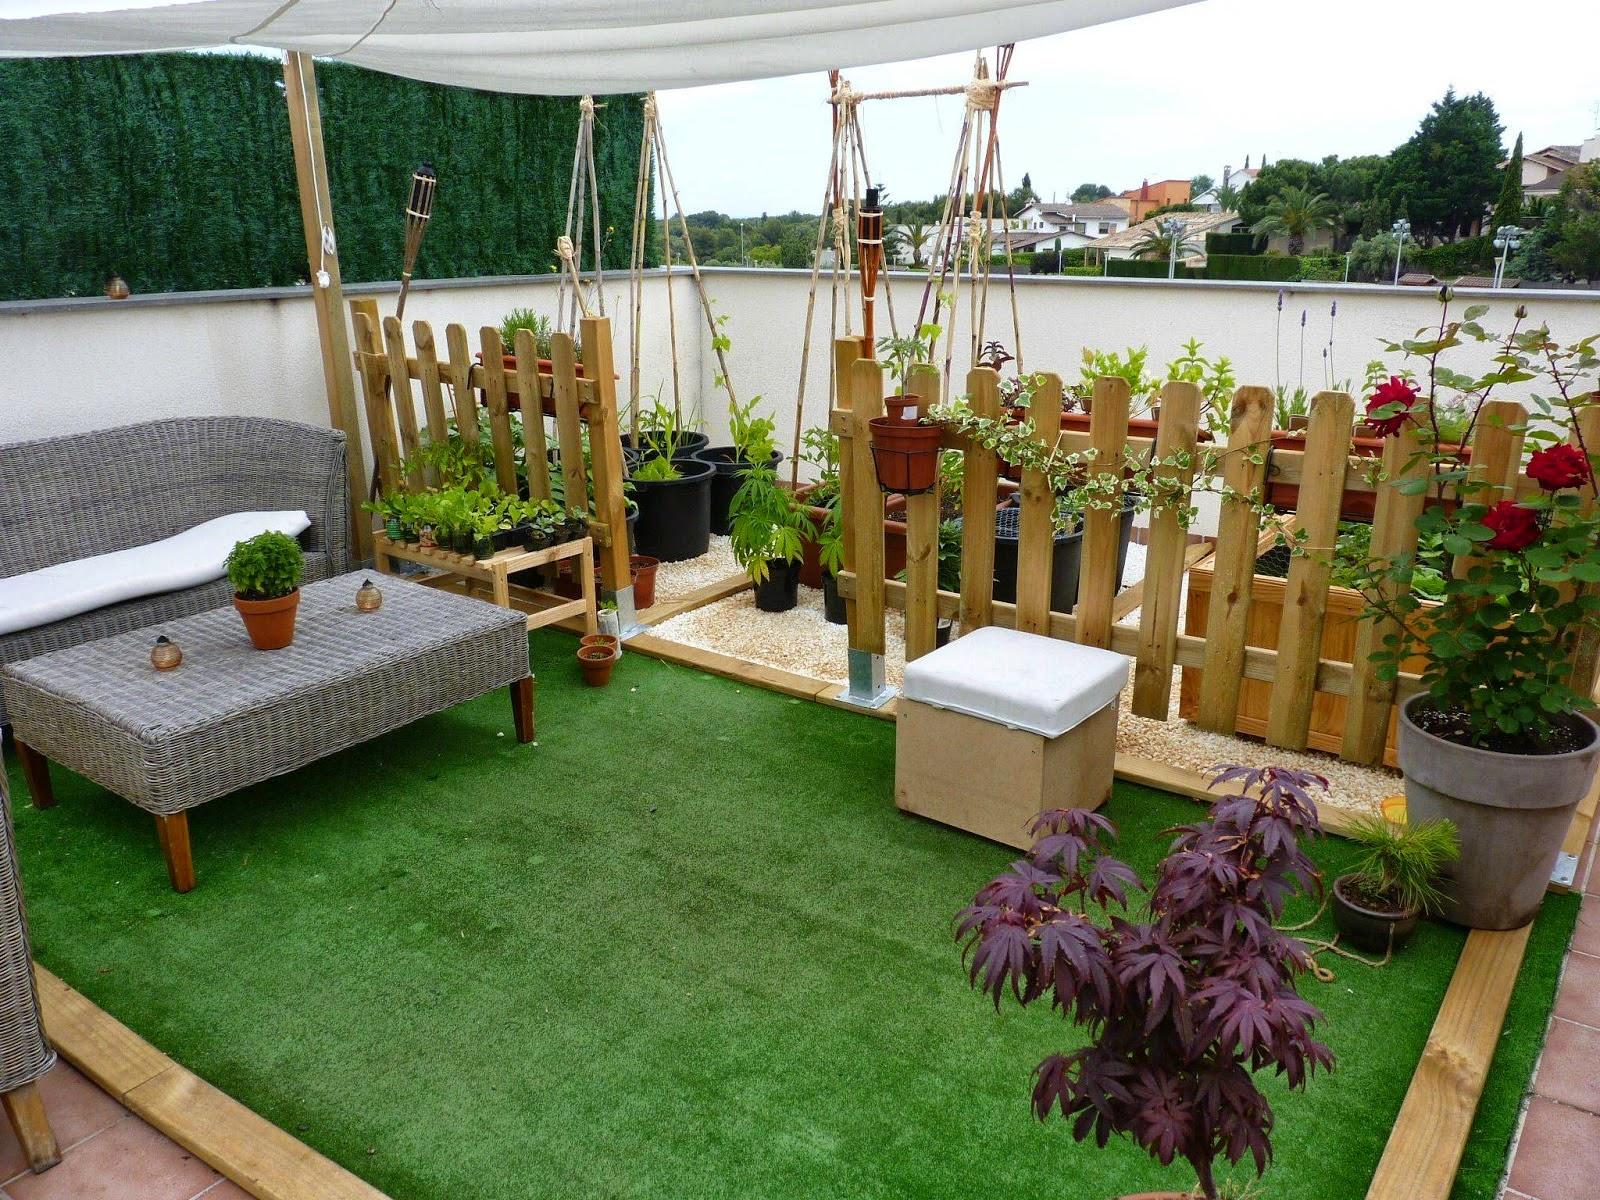 Consejos para decorar jardines en terrazas y balcones for Deco jardines pequenos